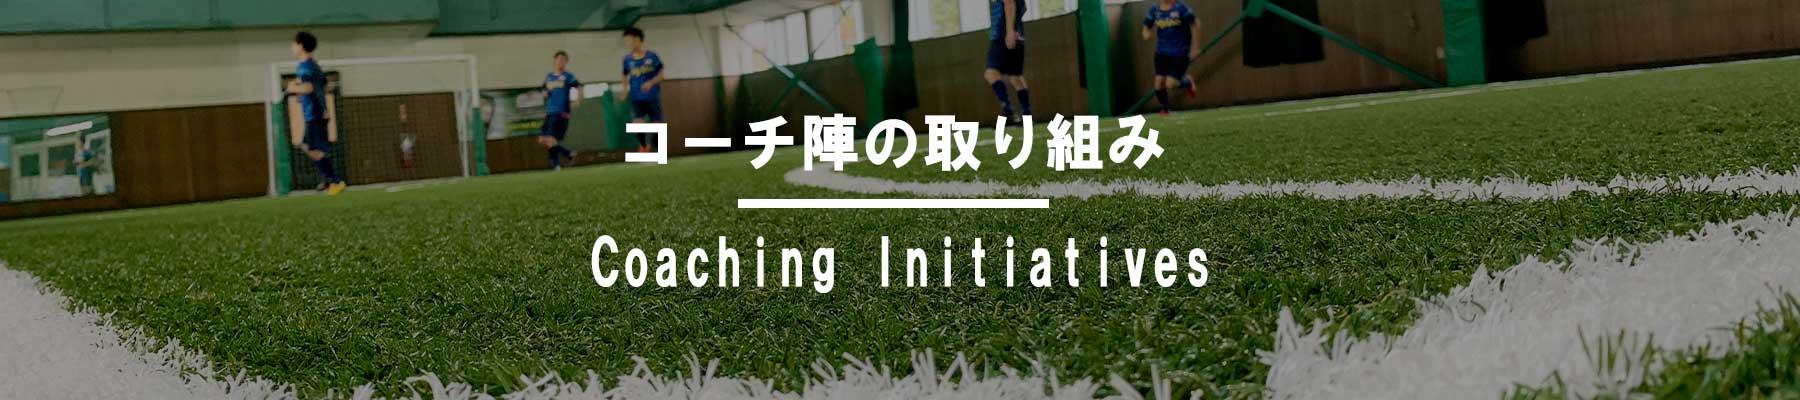 コーチ陣の取り組み